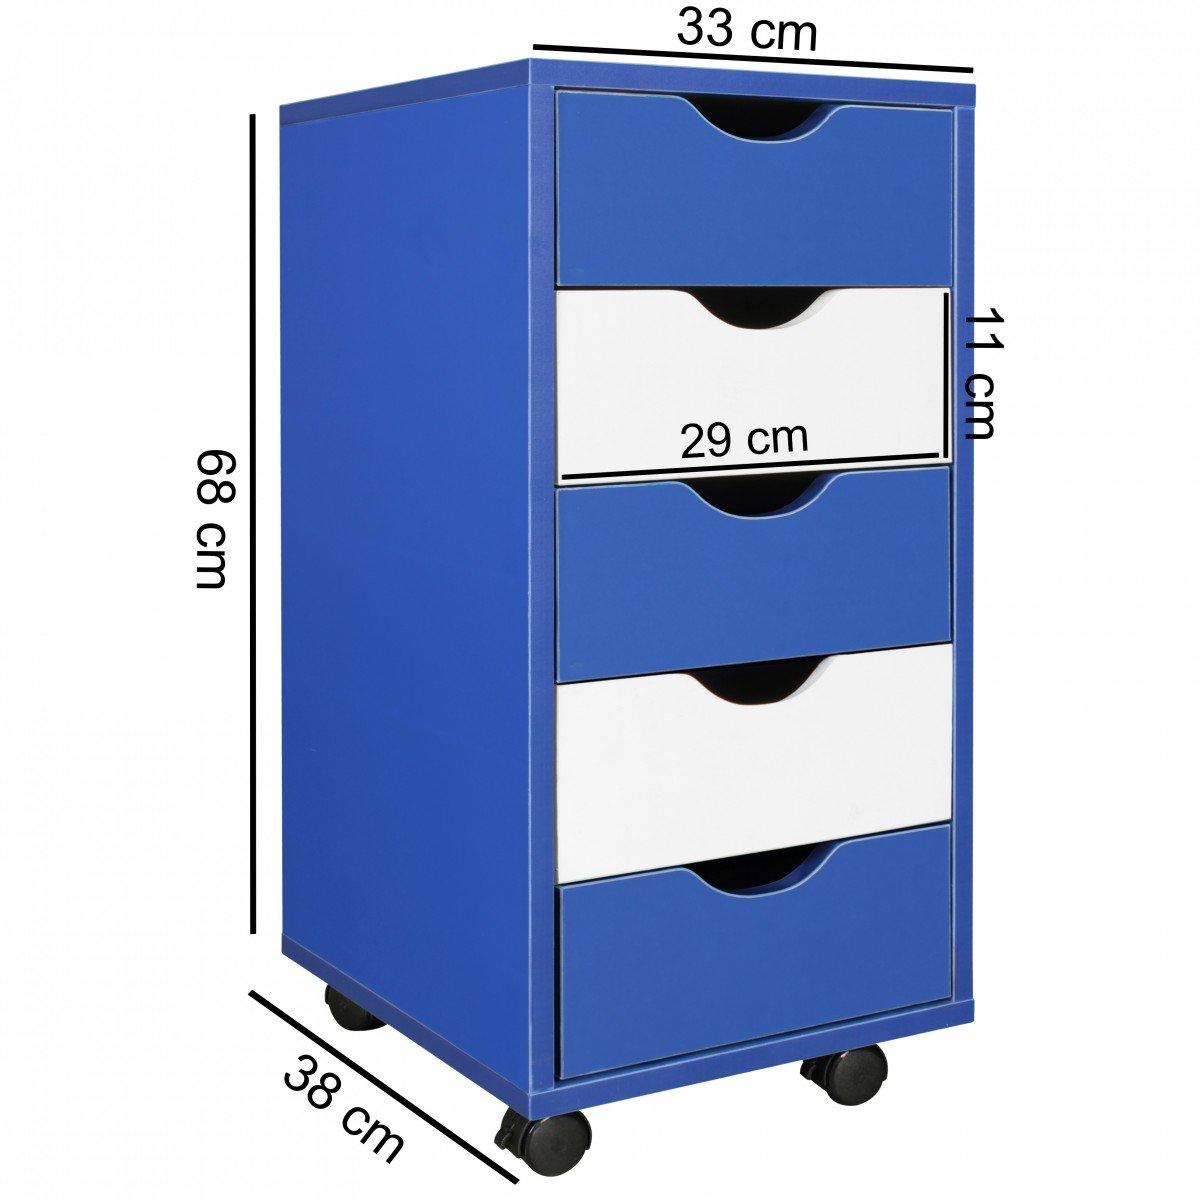 Moderner Schubladencontainer mit Rollen Standcontainer B/ürocontainer FineBuy Kinder Rollcontainer COOL 33 x 68 x 38 cm MDF-Holz 5 Schubladen Blau Wei/ß